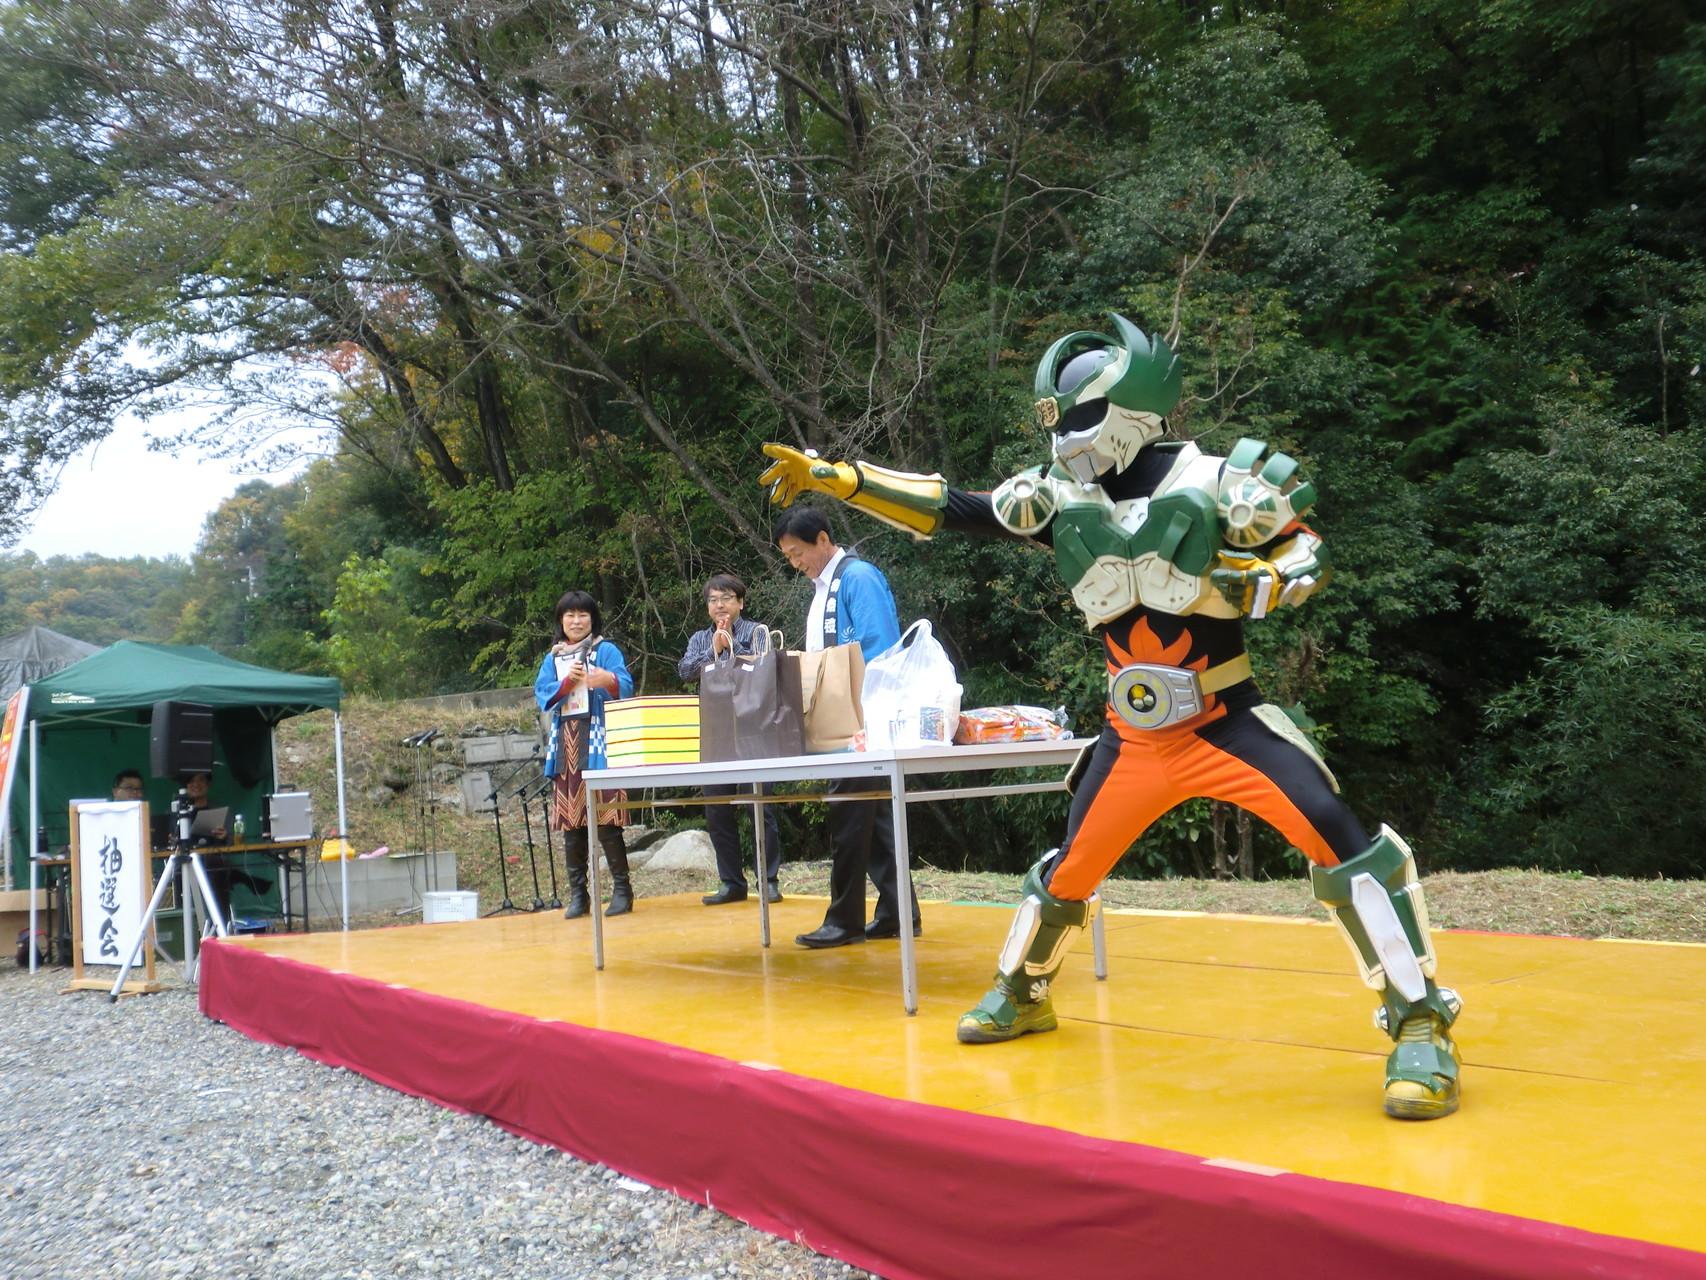 お楽しみ抽選会では、陶神オリバーも参加してくれました。